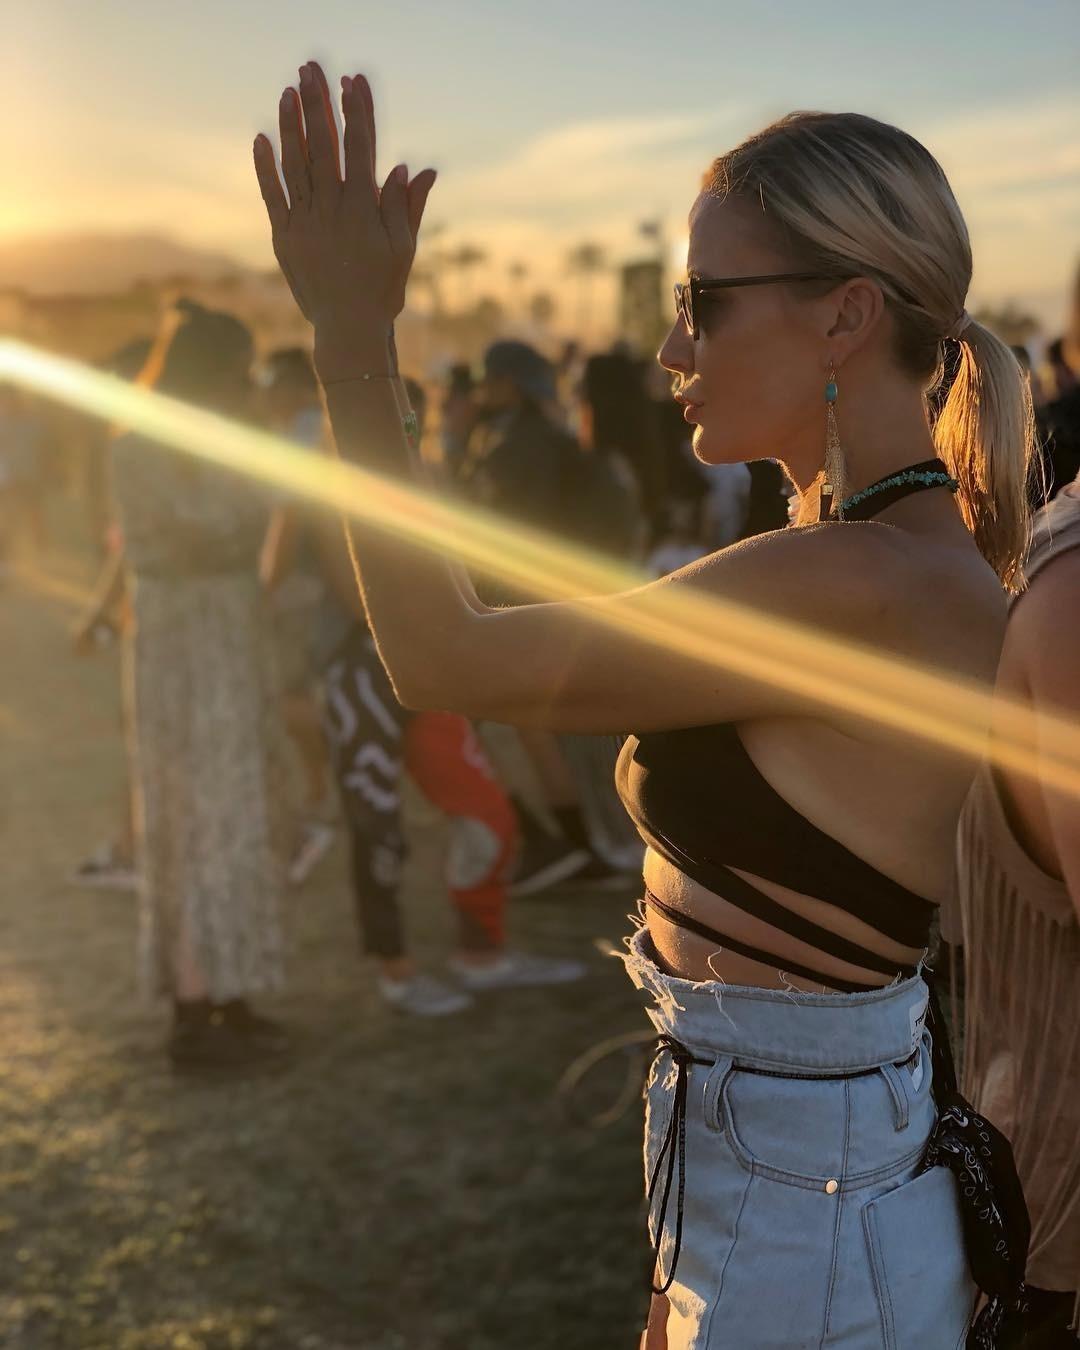 Елена Летучая оторвалась в откровенном наряде на фестивале Coachella